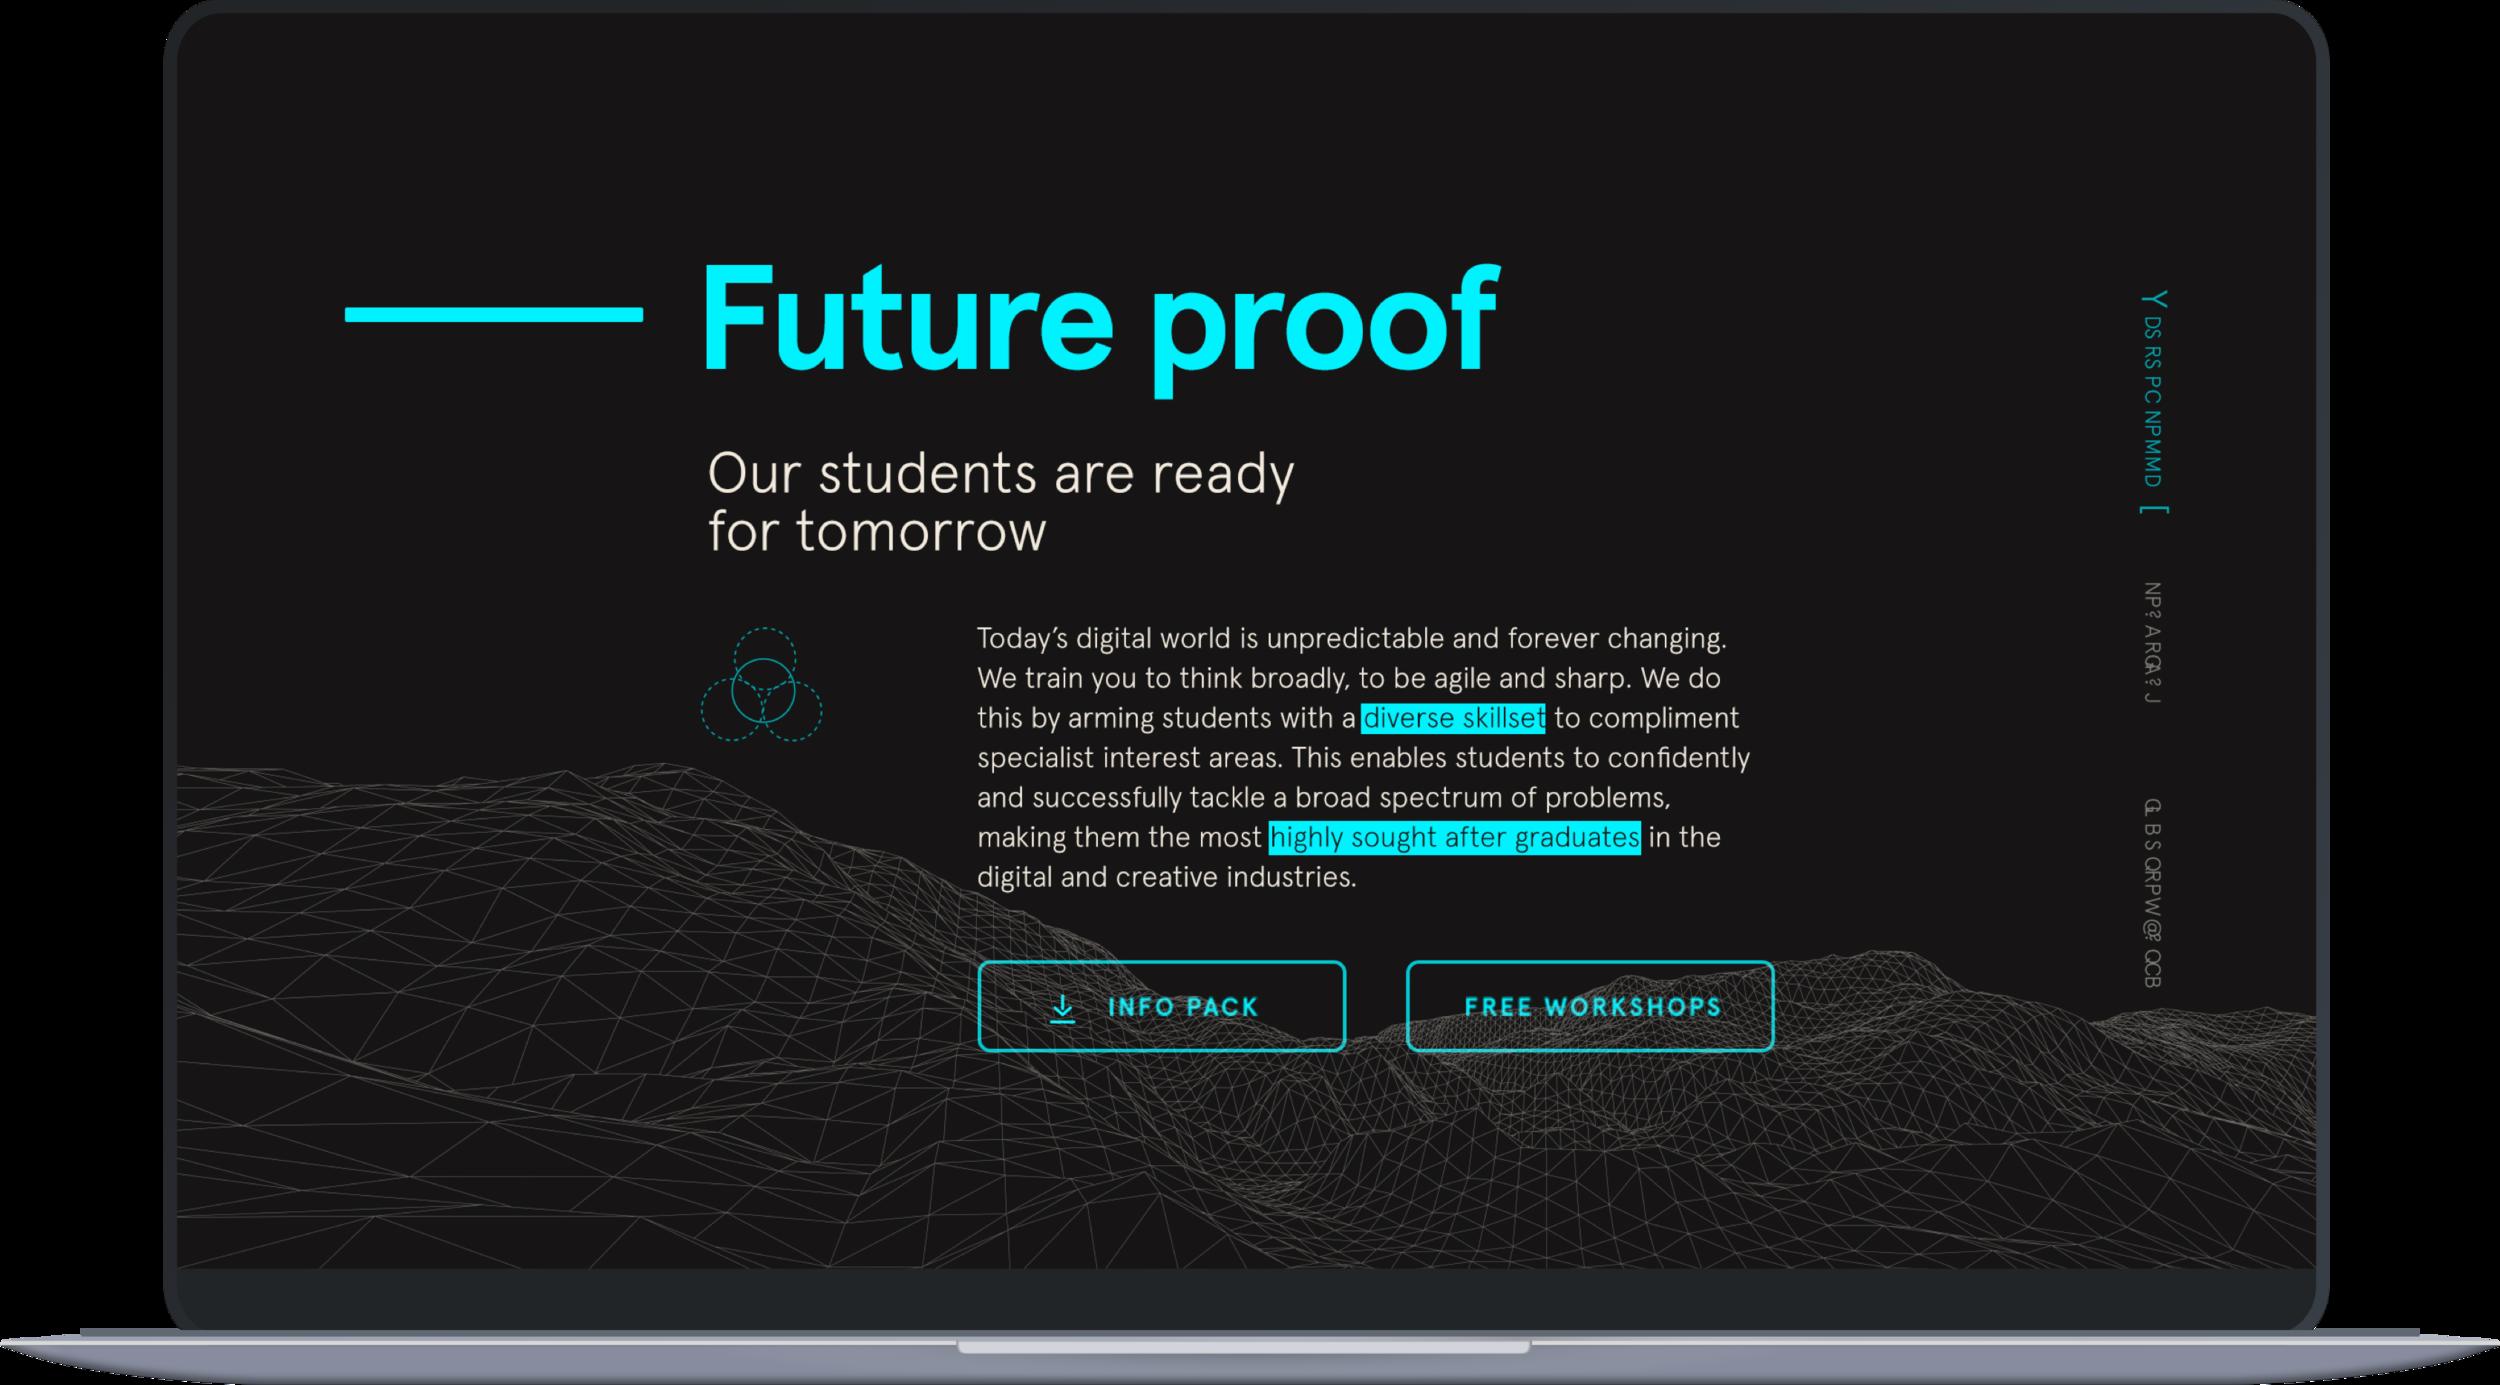 Macbook_FutureProof.png